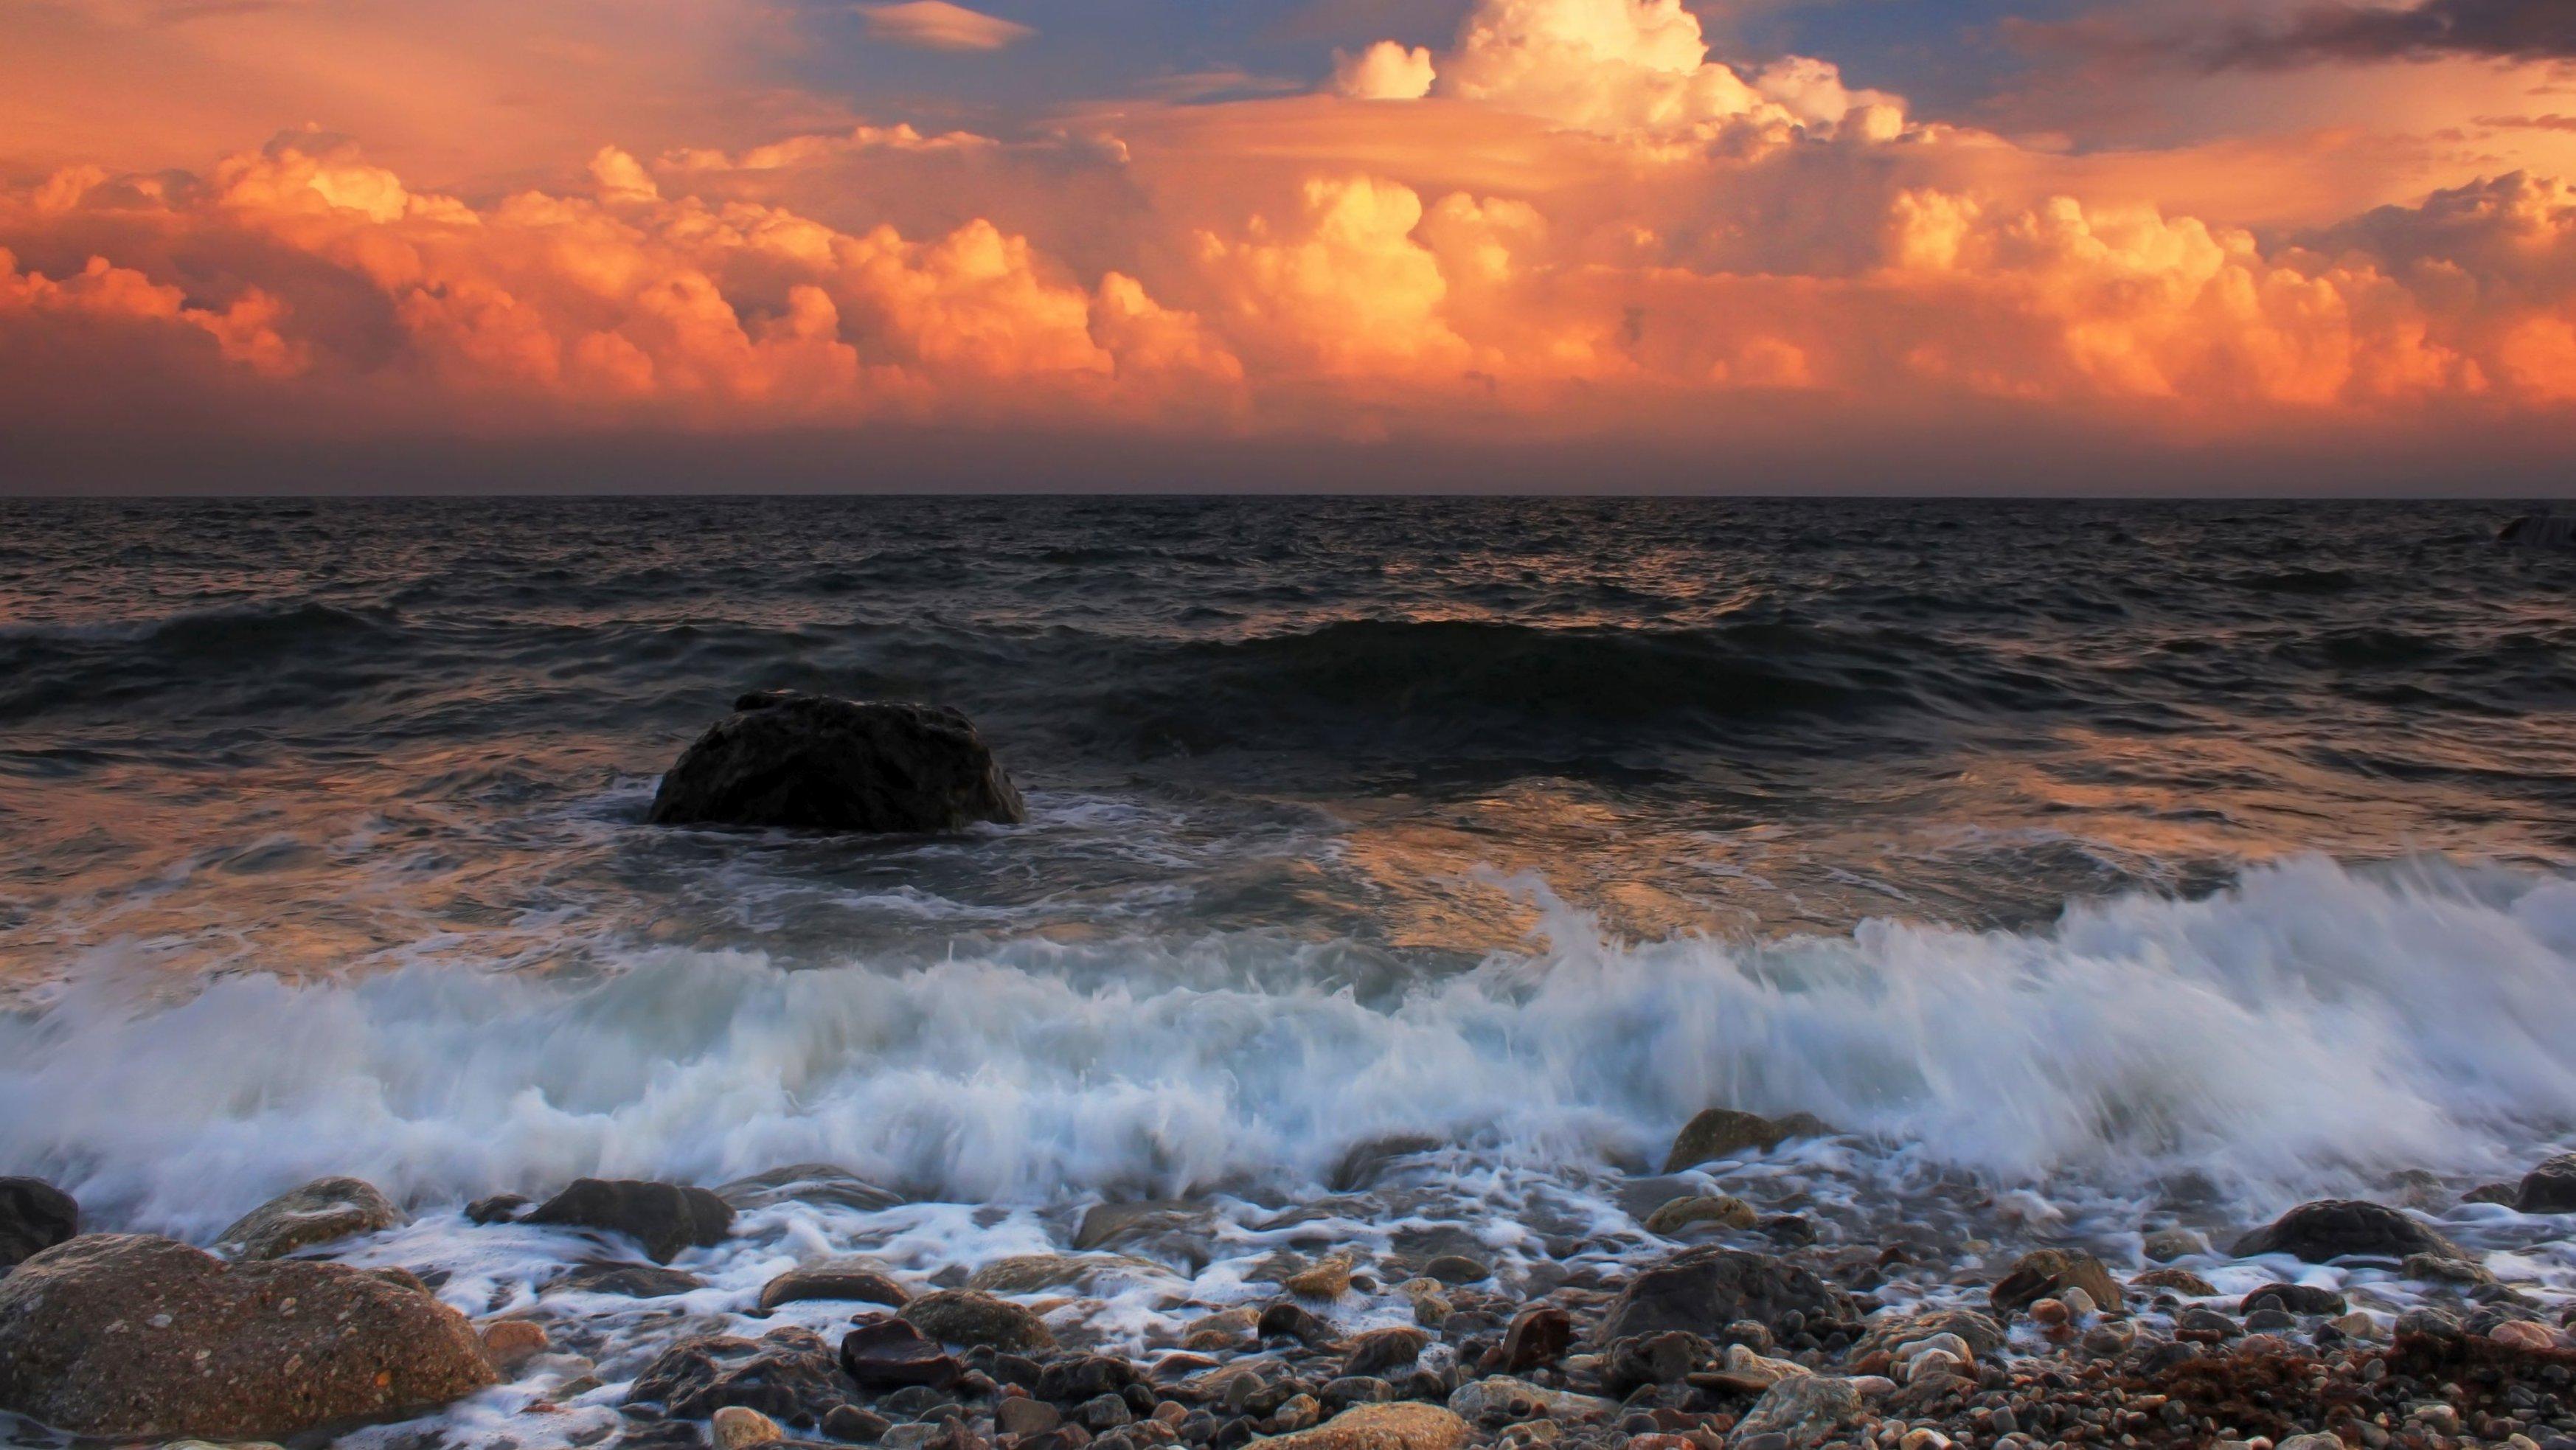 Havets store strømme og Jordens store vindsystemer hænger sammen. Ved du, hvordan de spiller sammen?